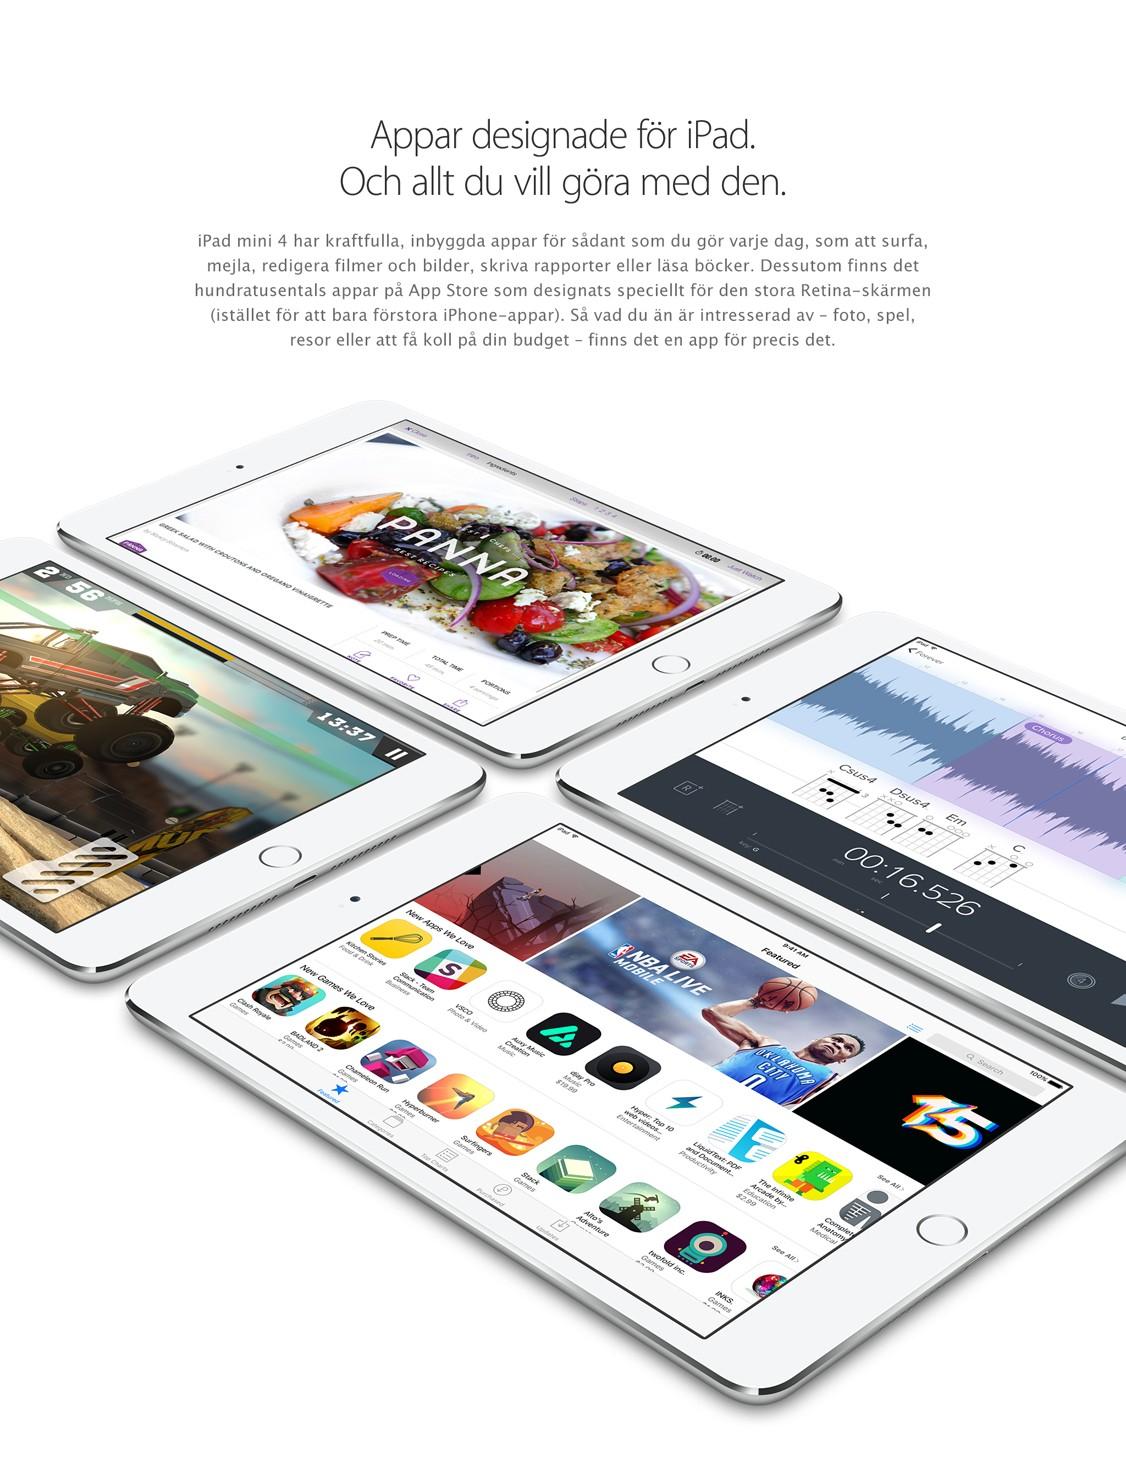 iPad mini 4 – designad för perfektion med iOS och appar